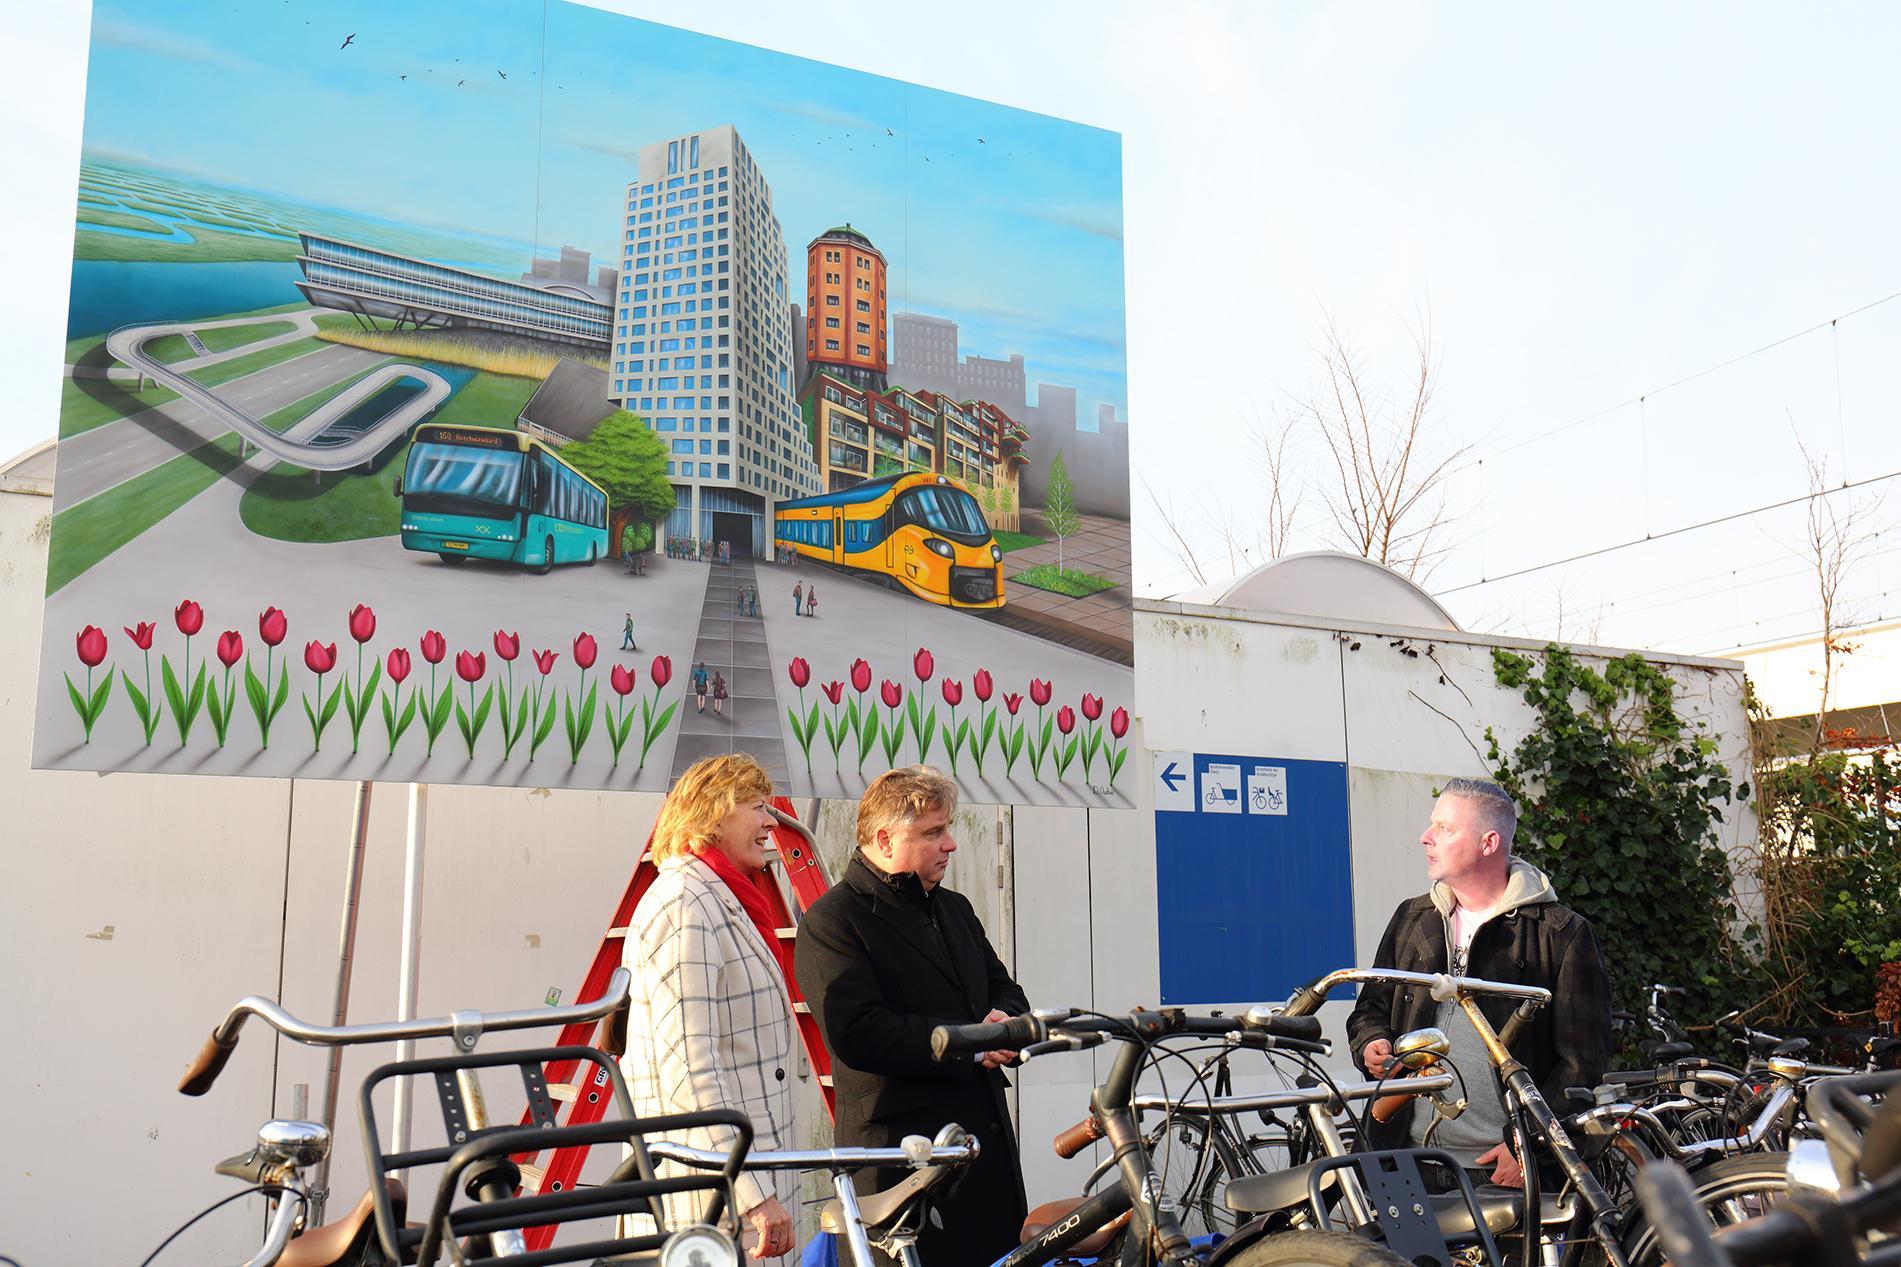 Onthulling graffitiwerk markeert start metamorfose Heerhugowaards stationsgebied: investering van miljoenen in modern OV-knooppunt